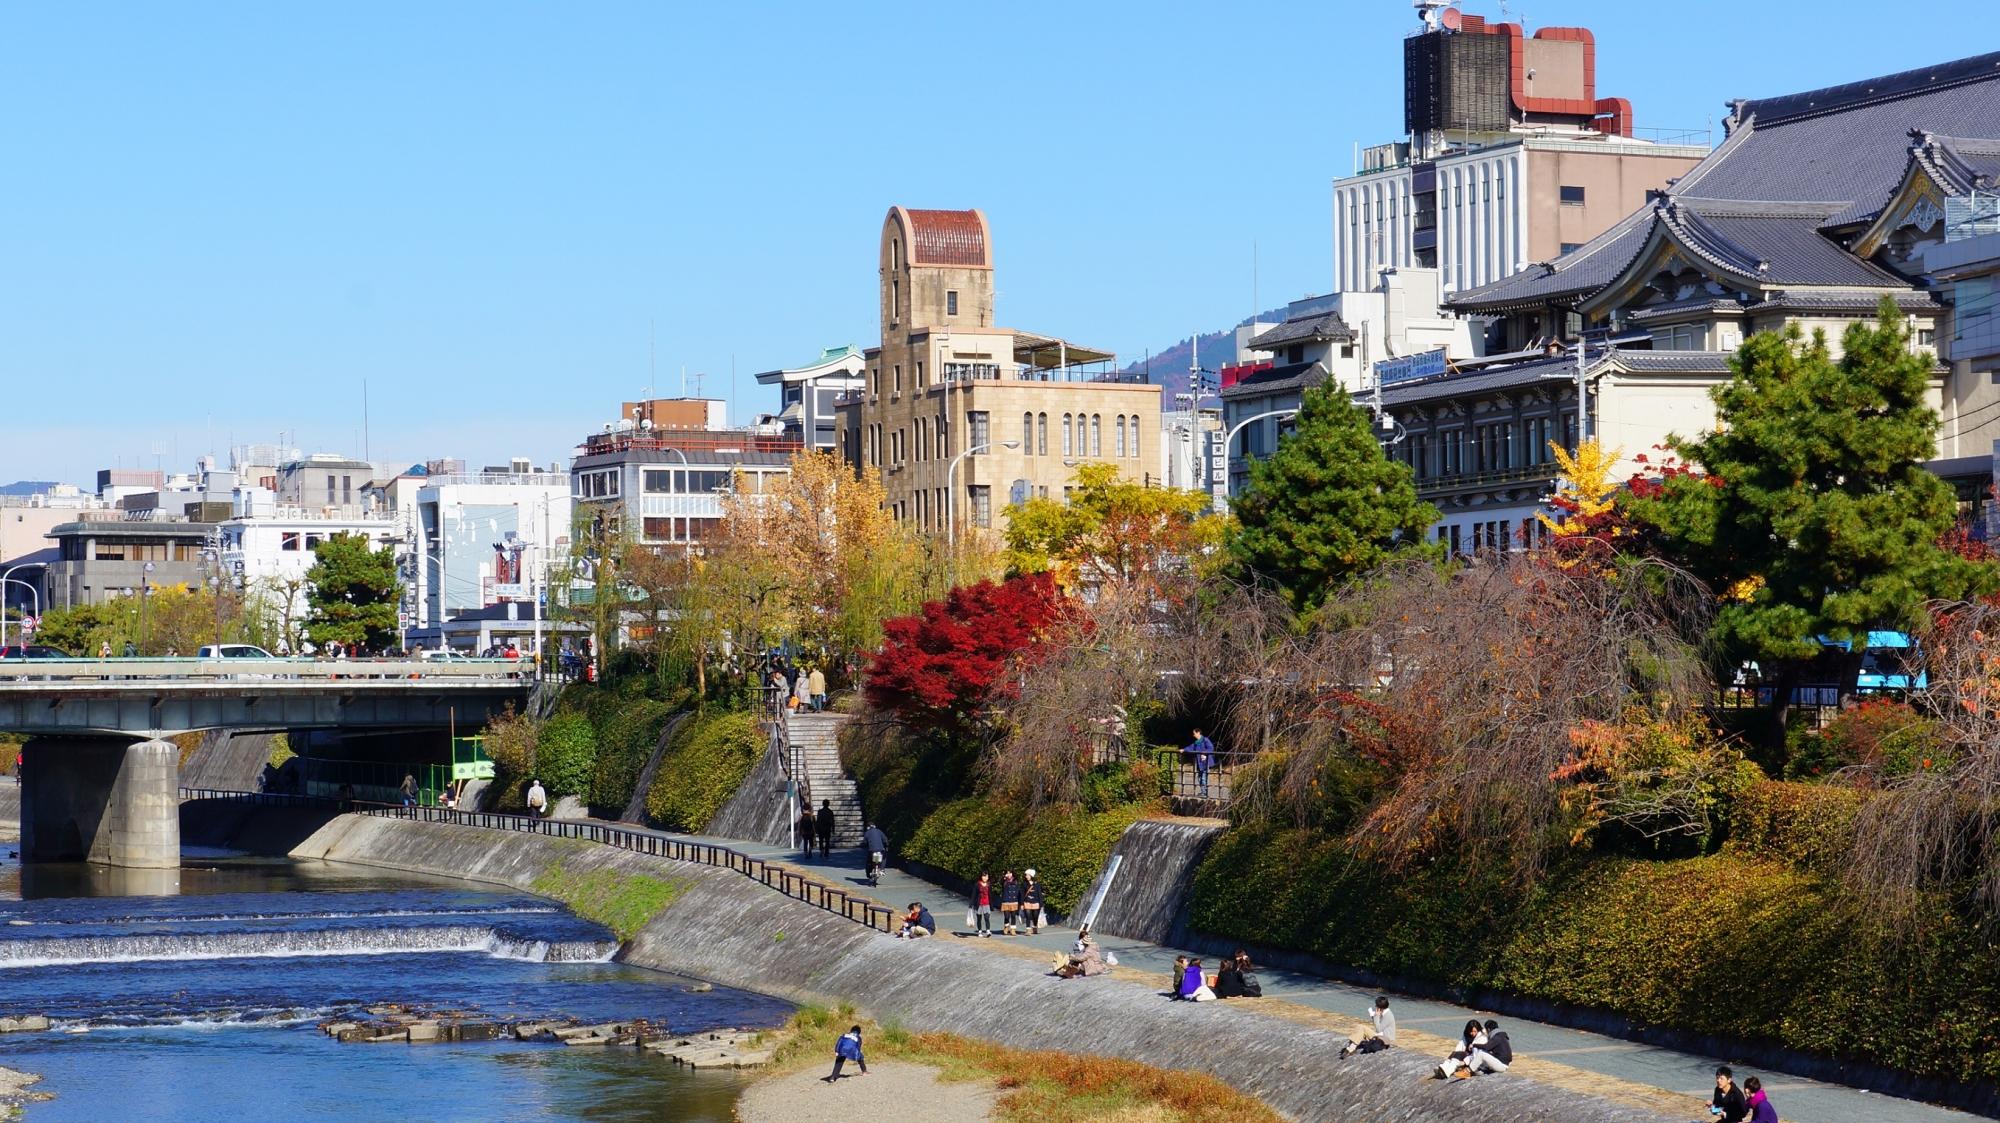 京都鴨川の見ごろの鮮やかな紅葉と四条大橋と南座